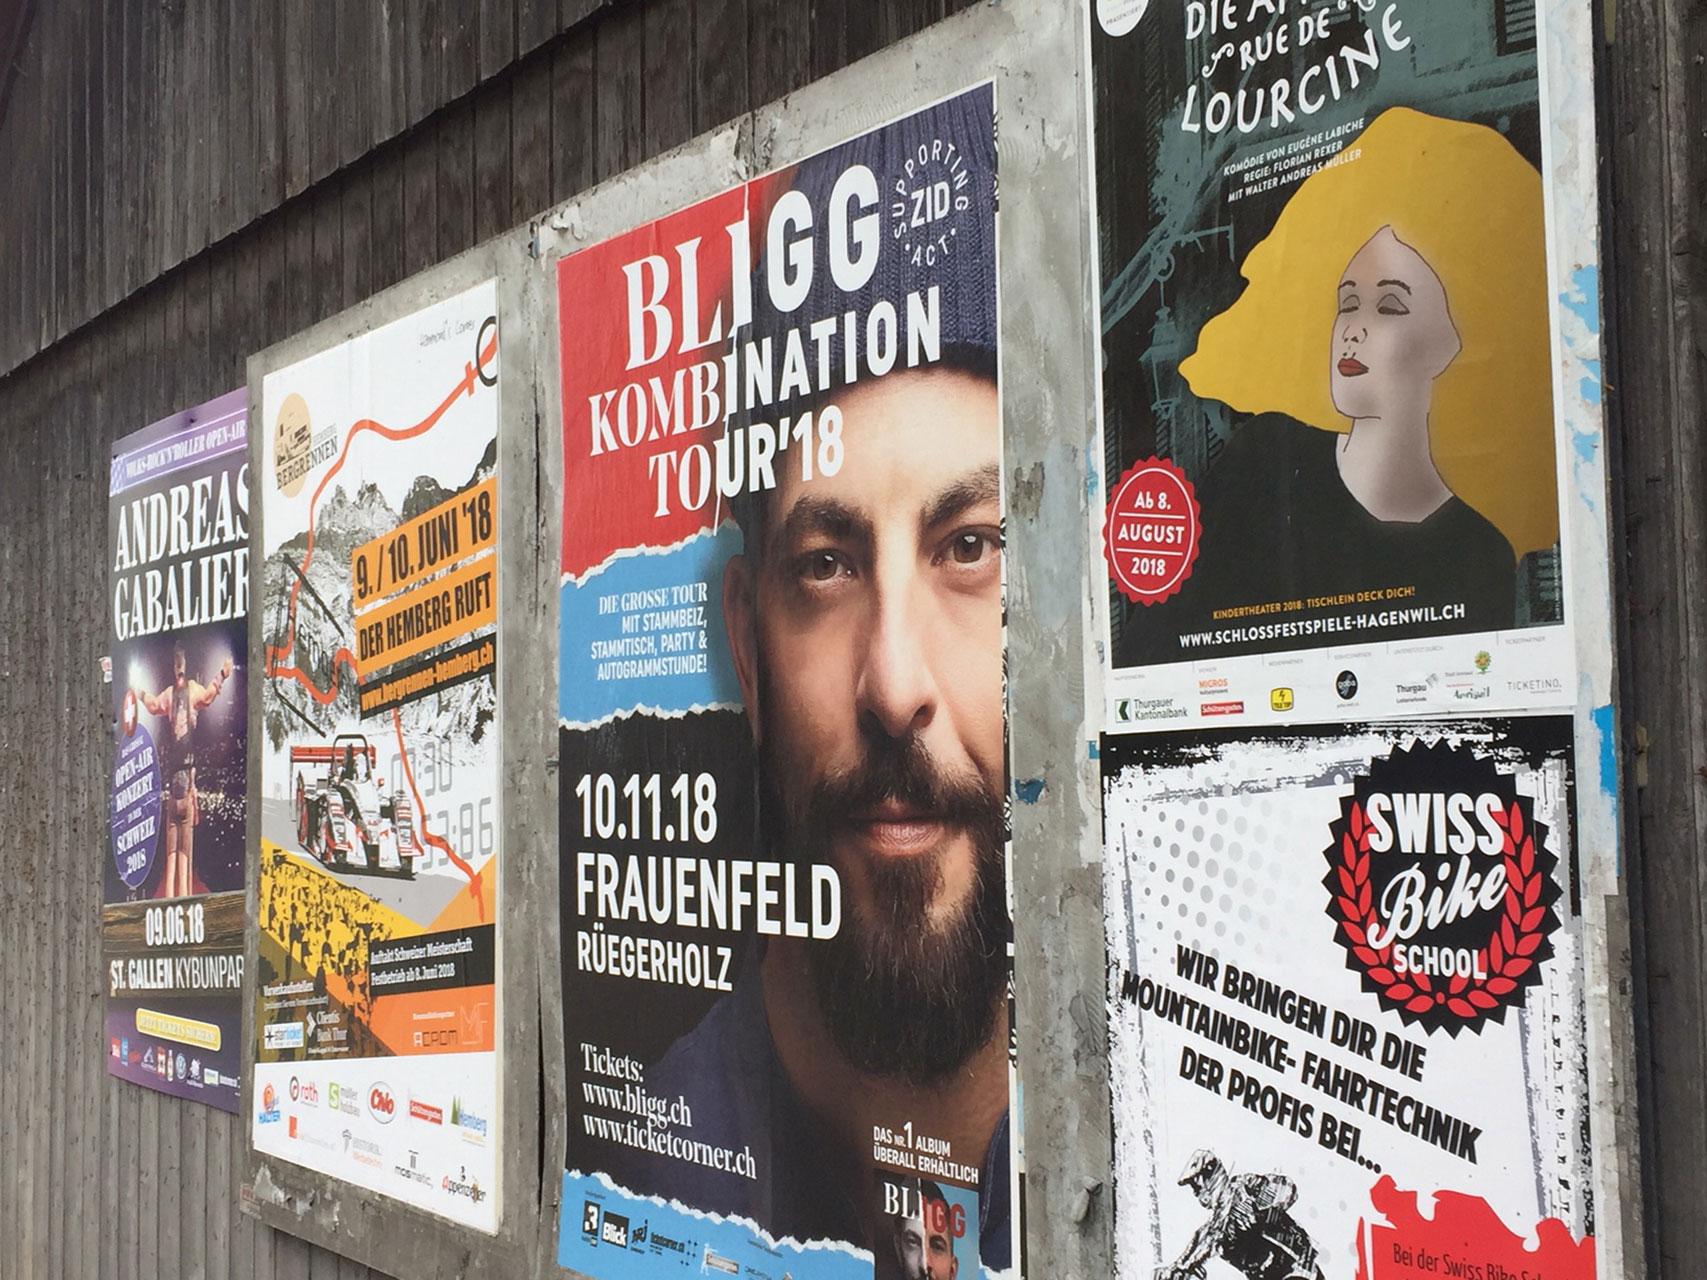 SchlossfestspieleHagenwil_Plakatierung2.JPG